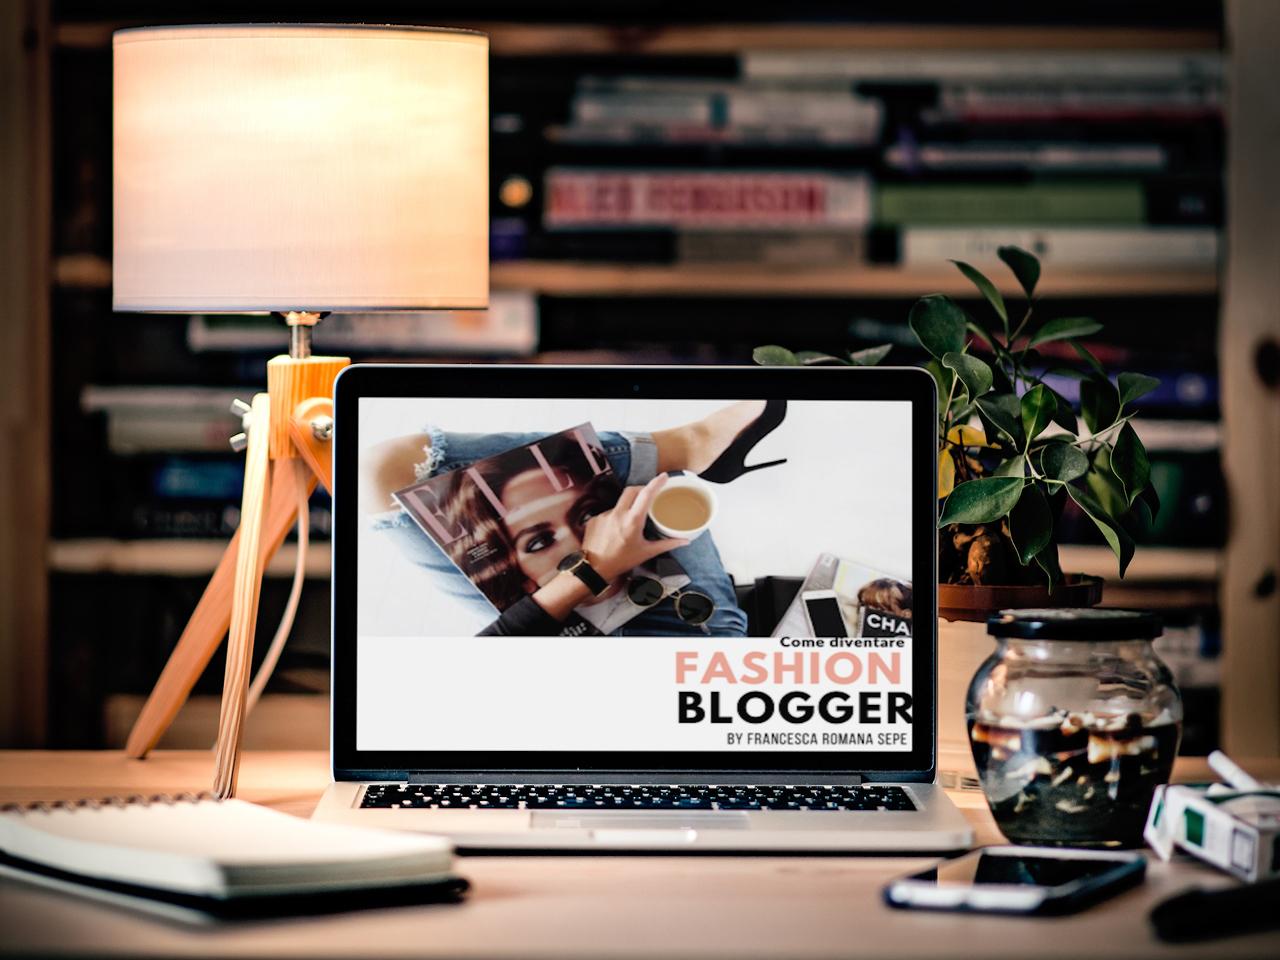 come diventare fashion blogger